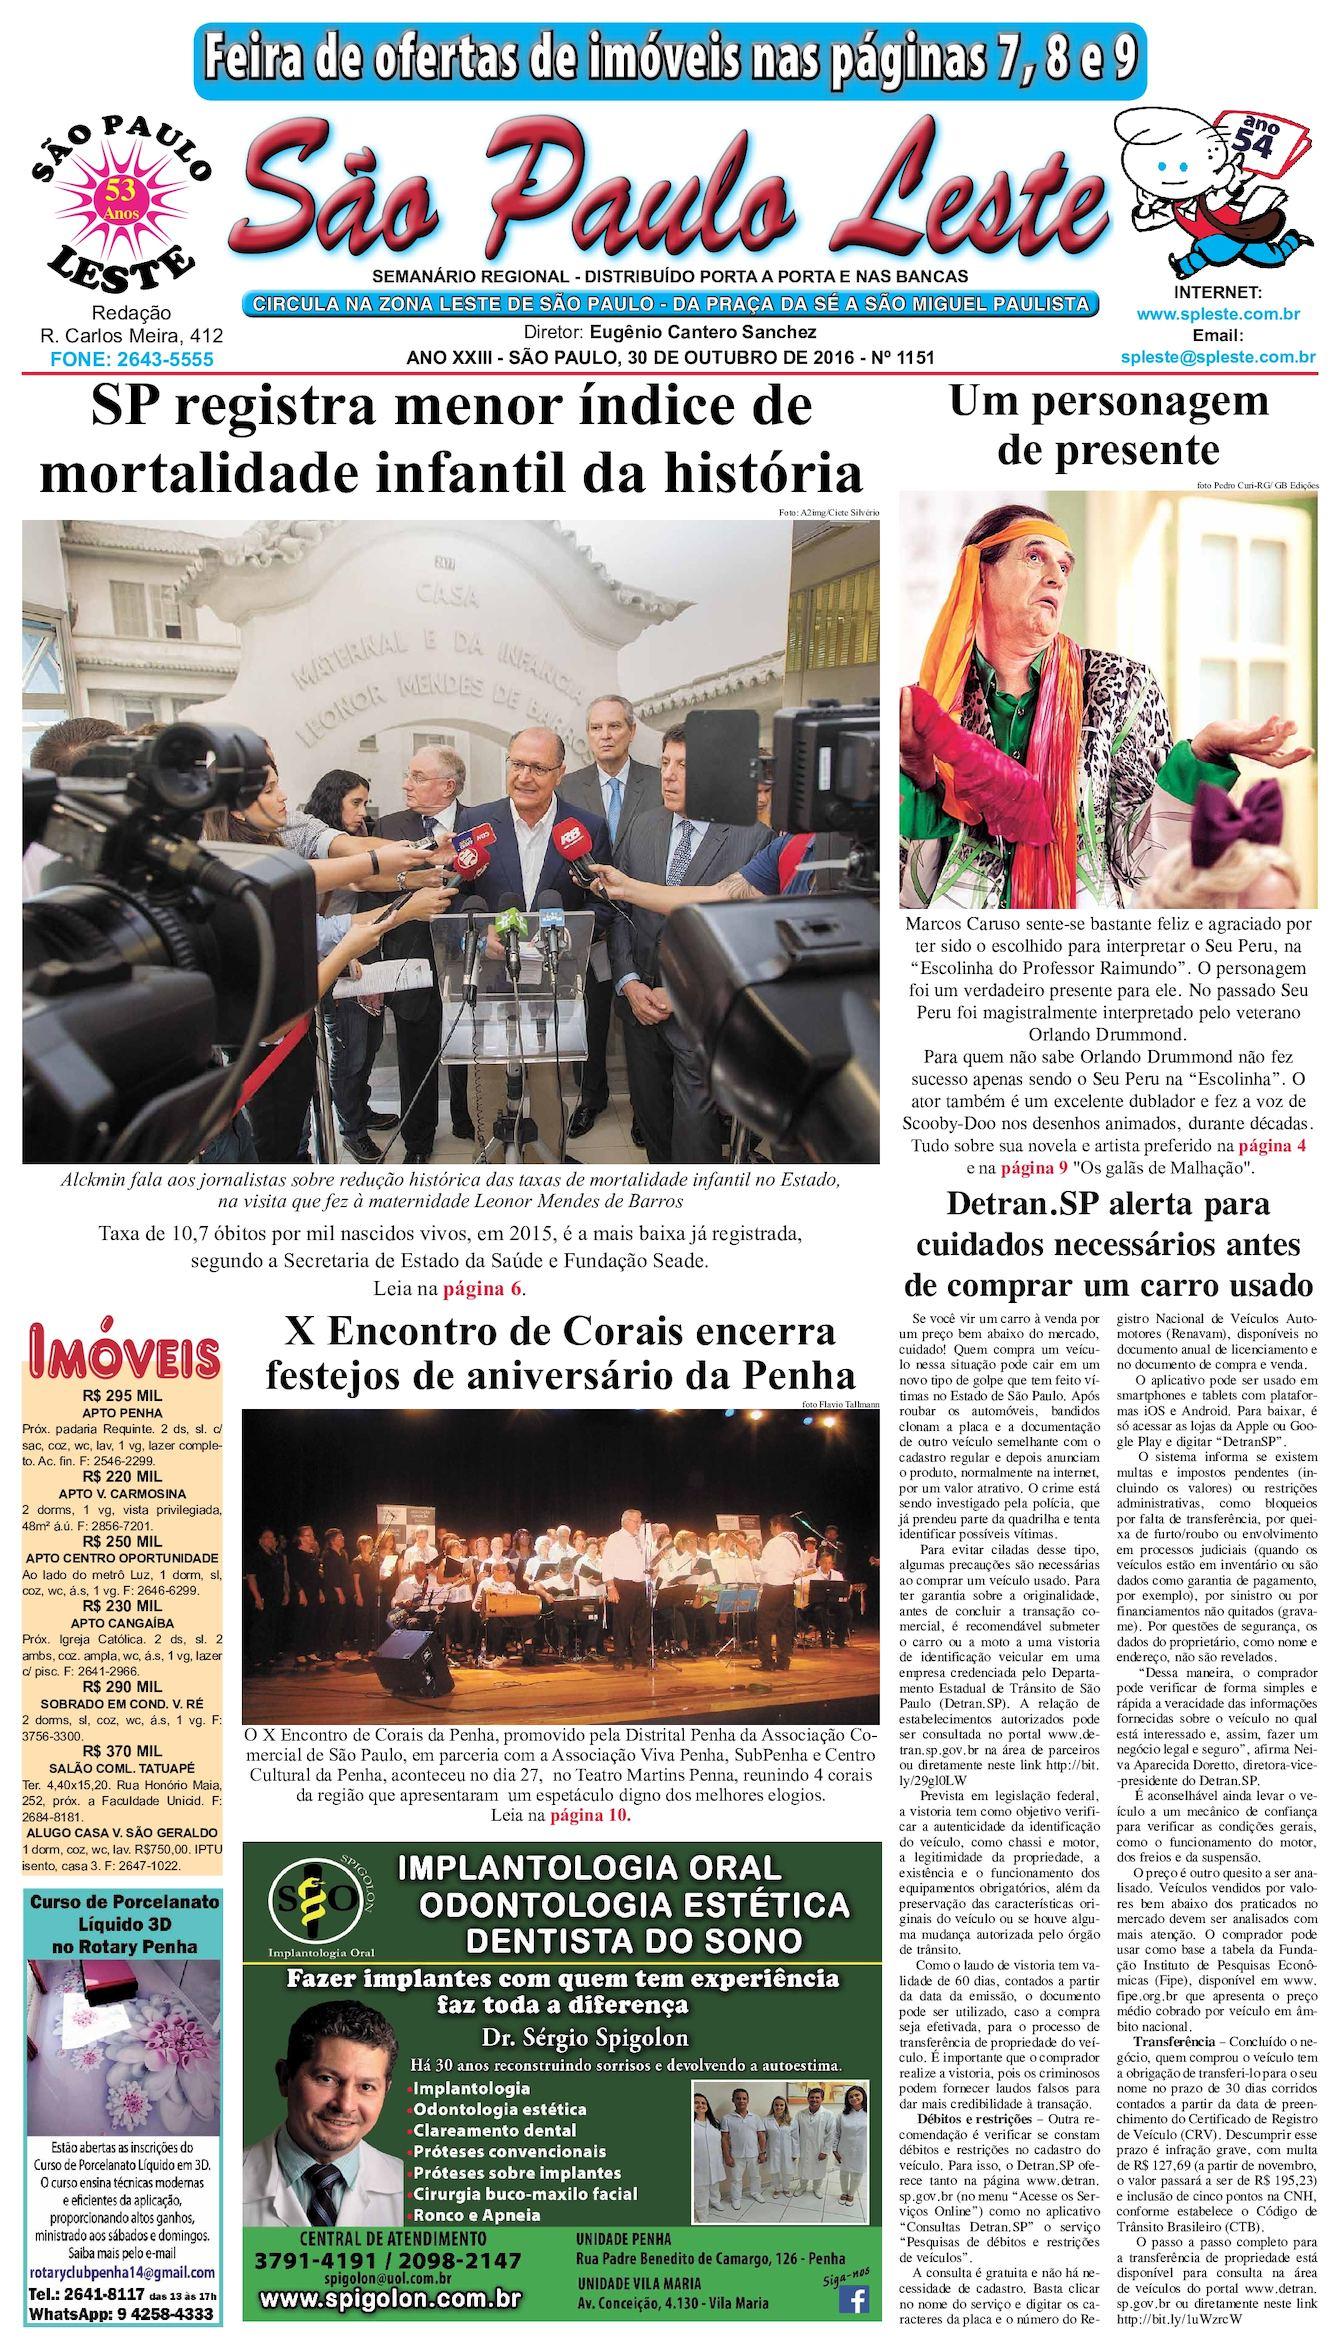 61518420e0b6d Calaméo - São Paulo Leste edição 1151 - 30.10.16